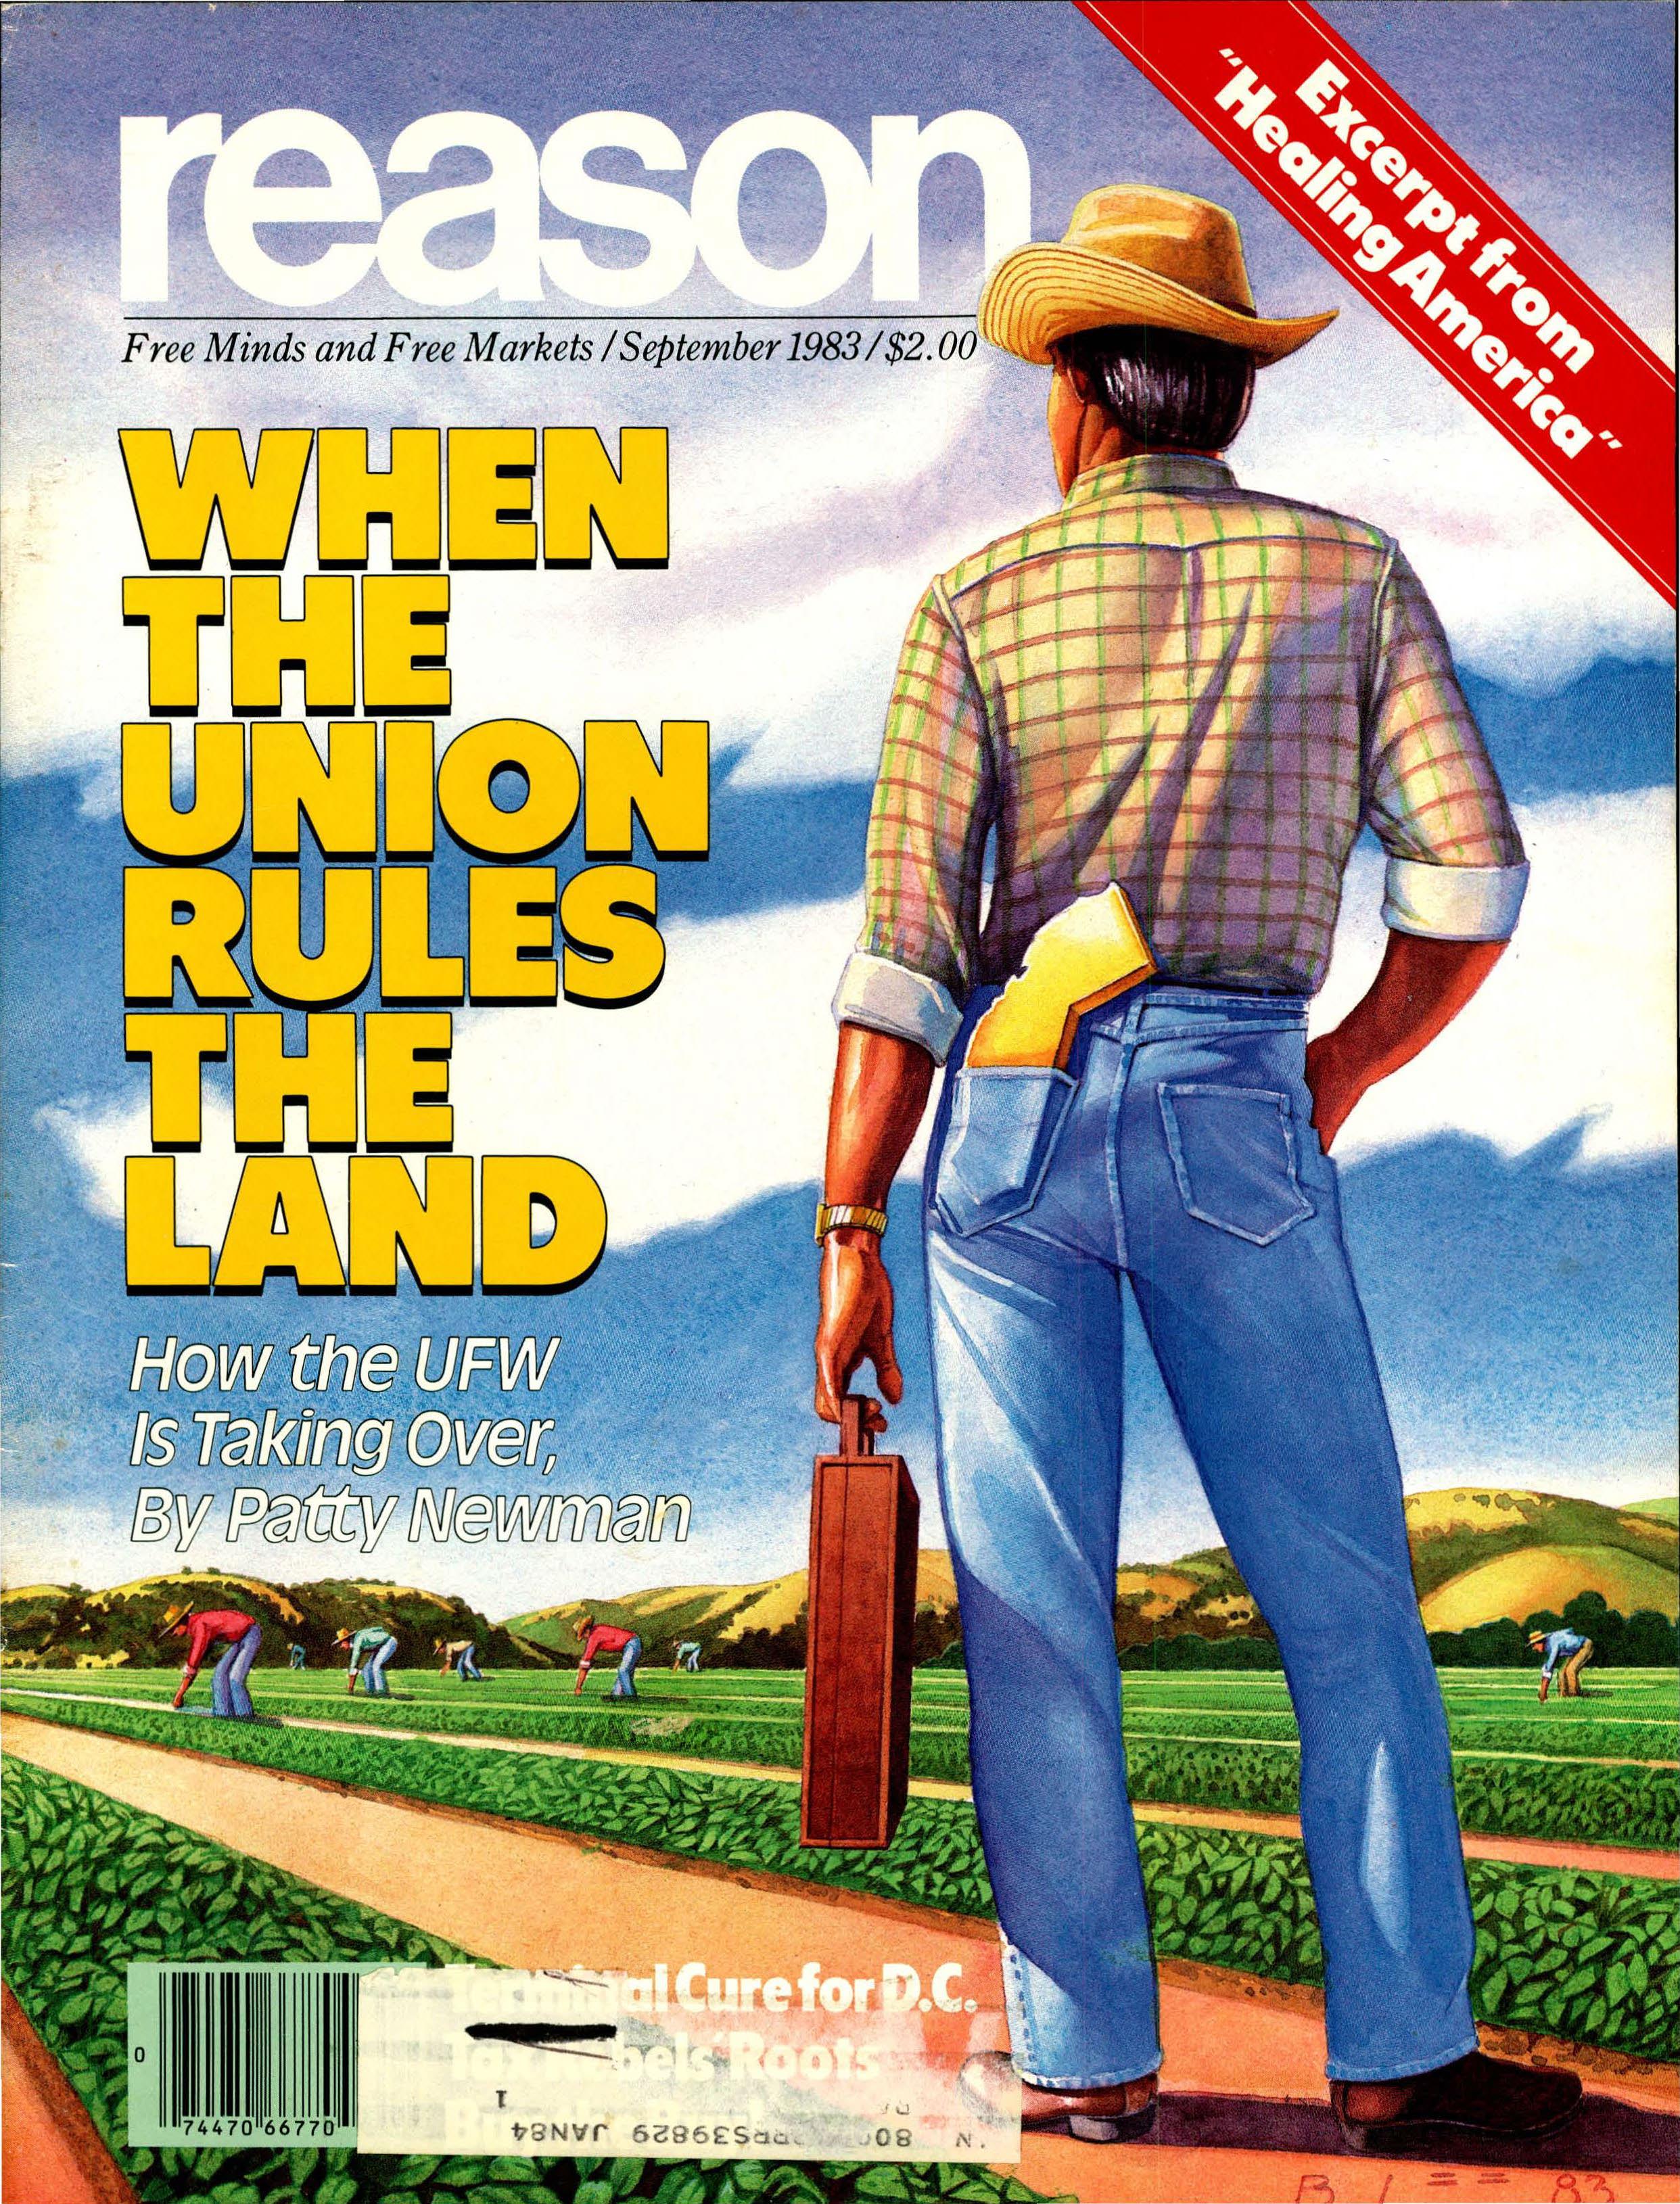 Reason Magazine, September 1983 cover image